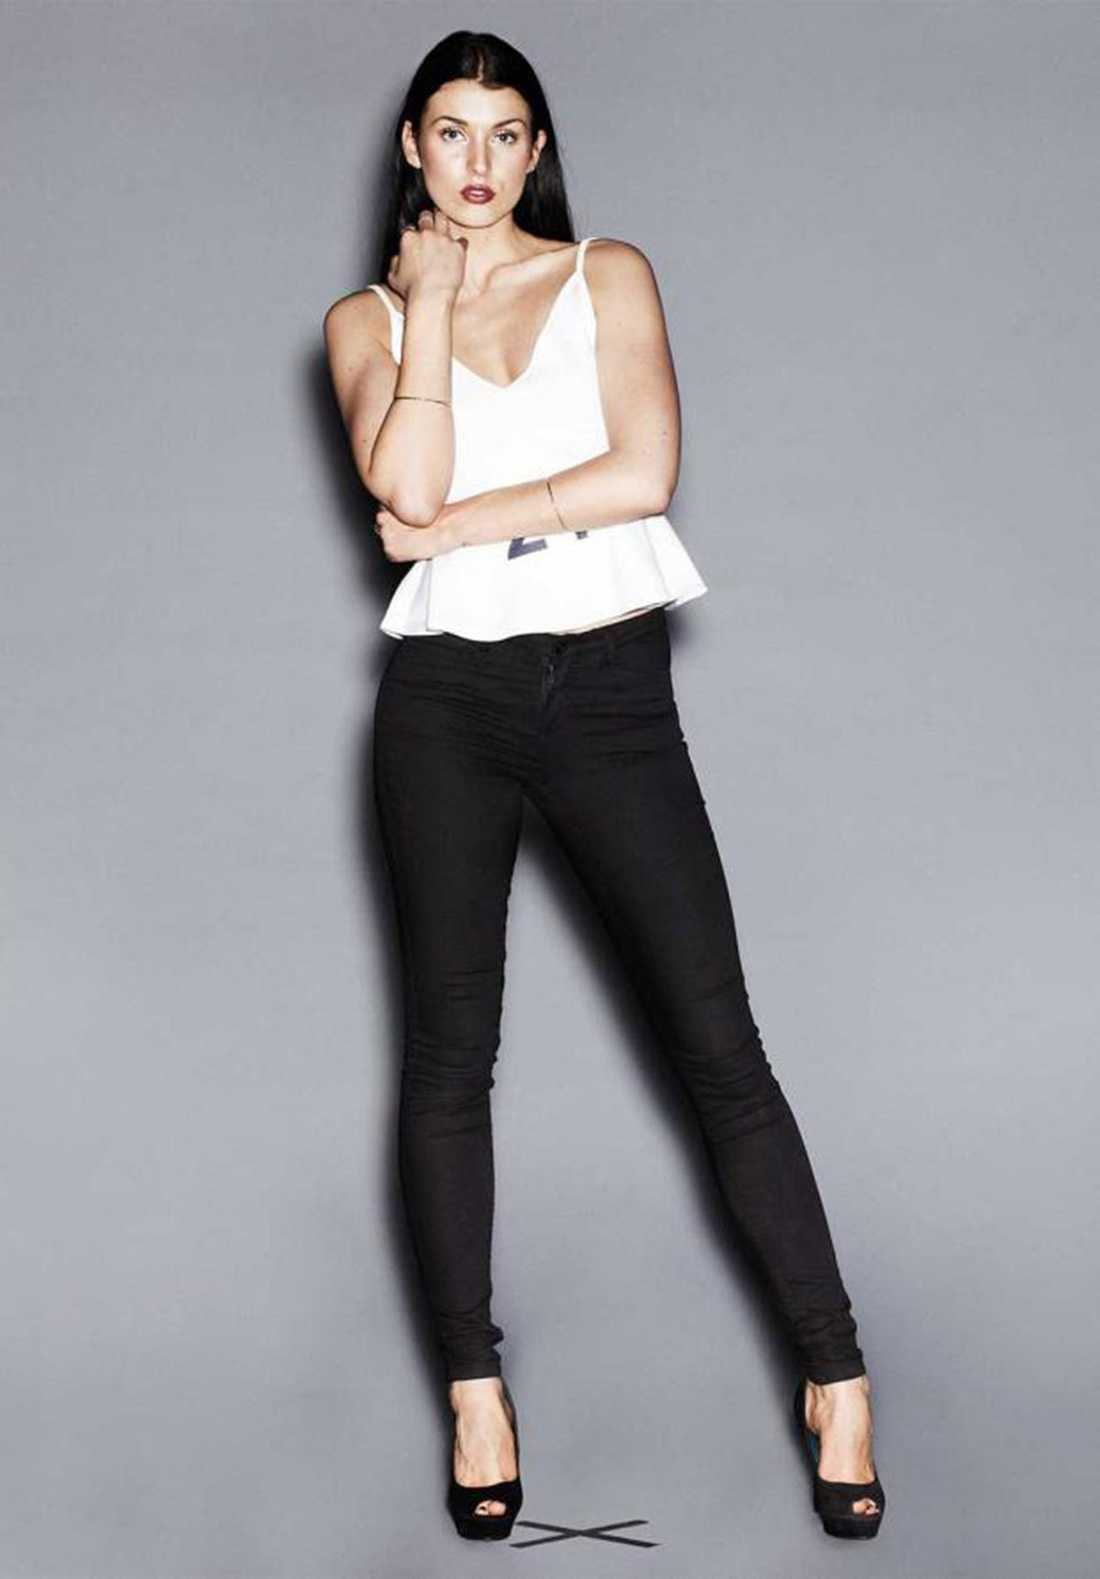 Malin Sahlén har varit deltagare i TV3:s Top model. Hon är bestört över uppgifterna om att hennes bild använts av Sunday Mirrors reporter.